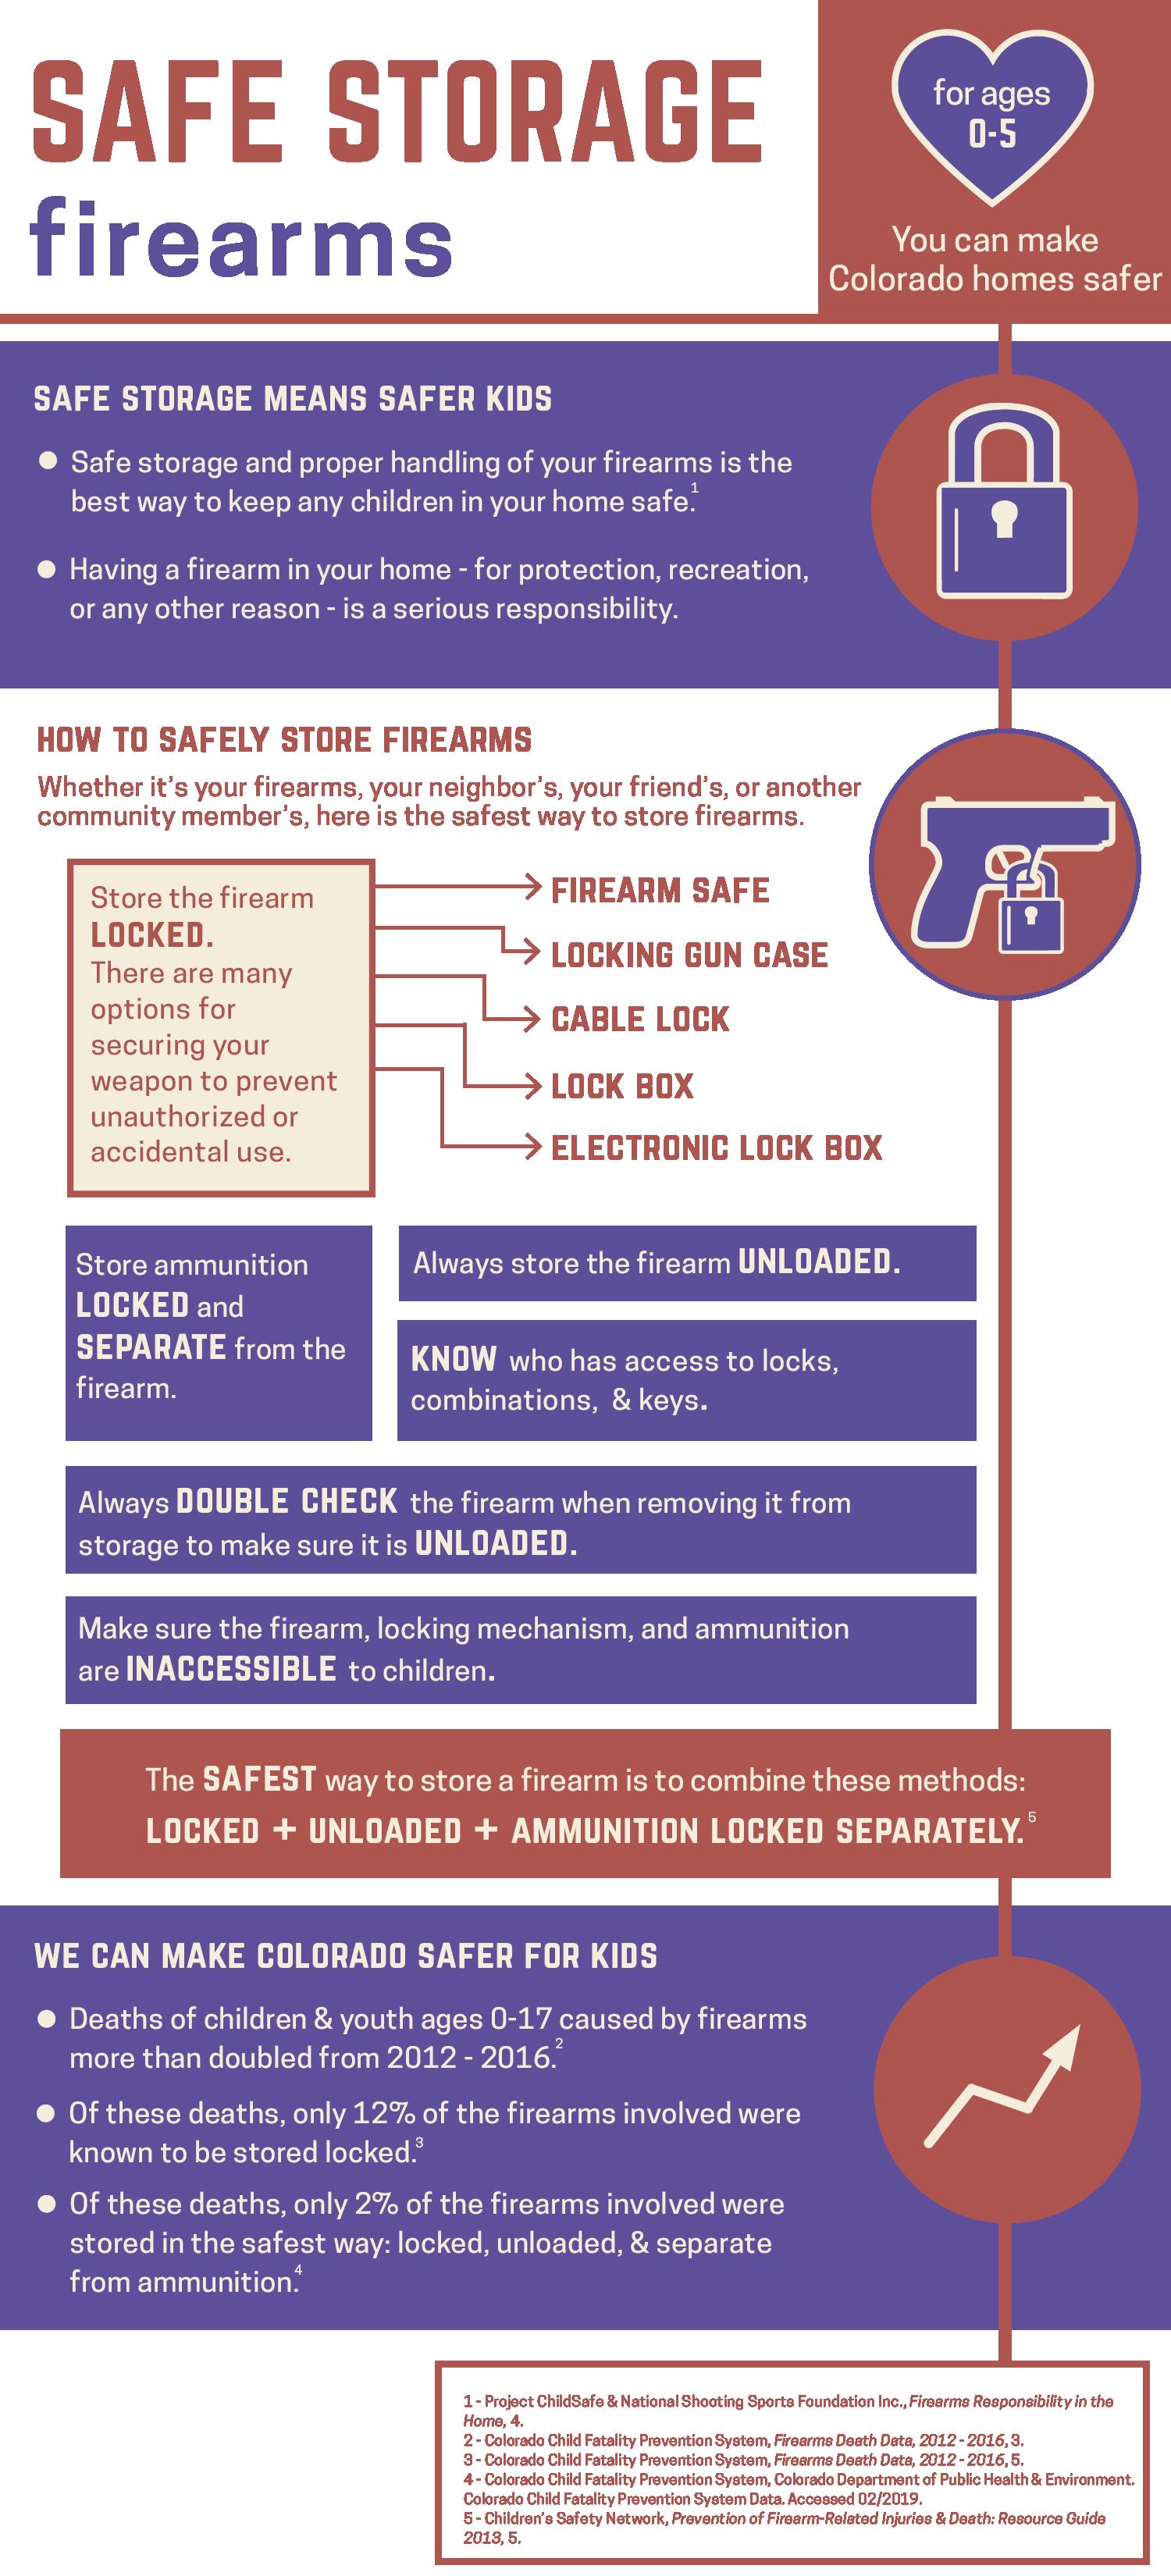 WEBSAFE safe storage infographic firearms.png